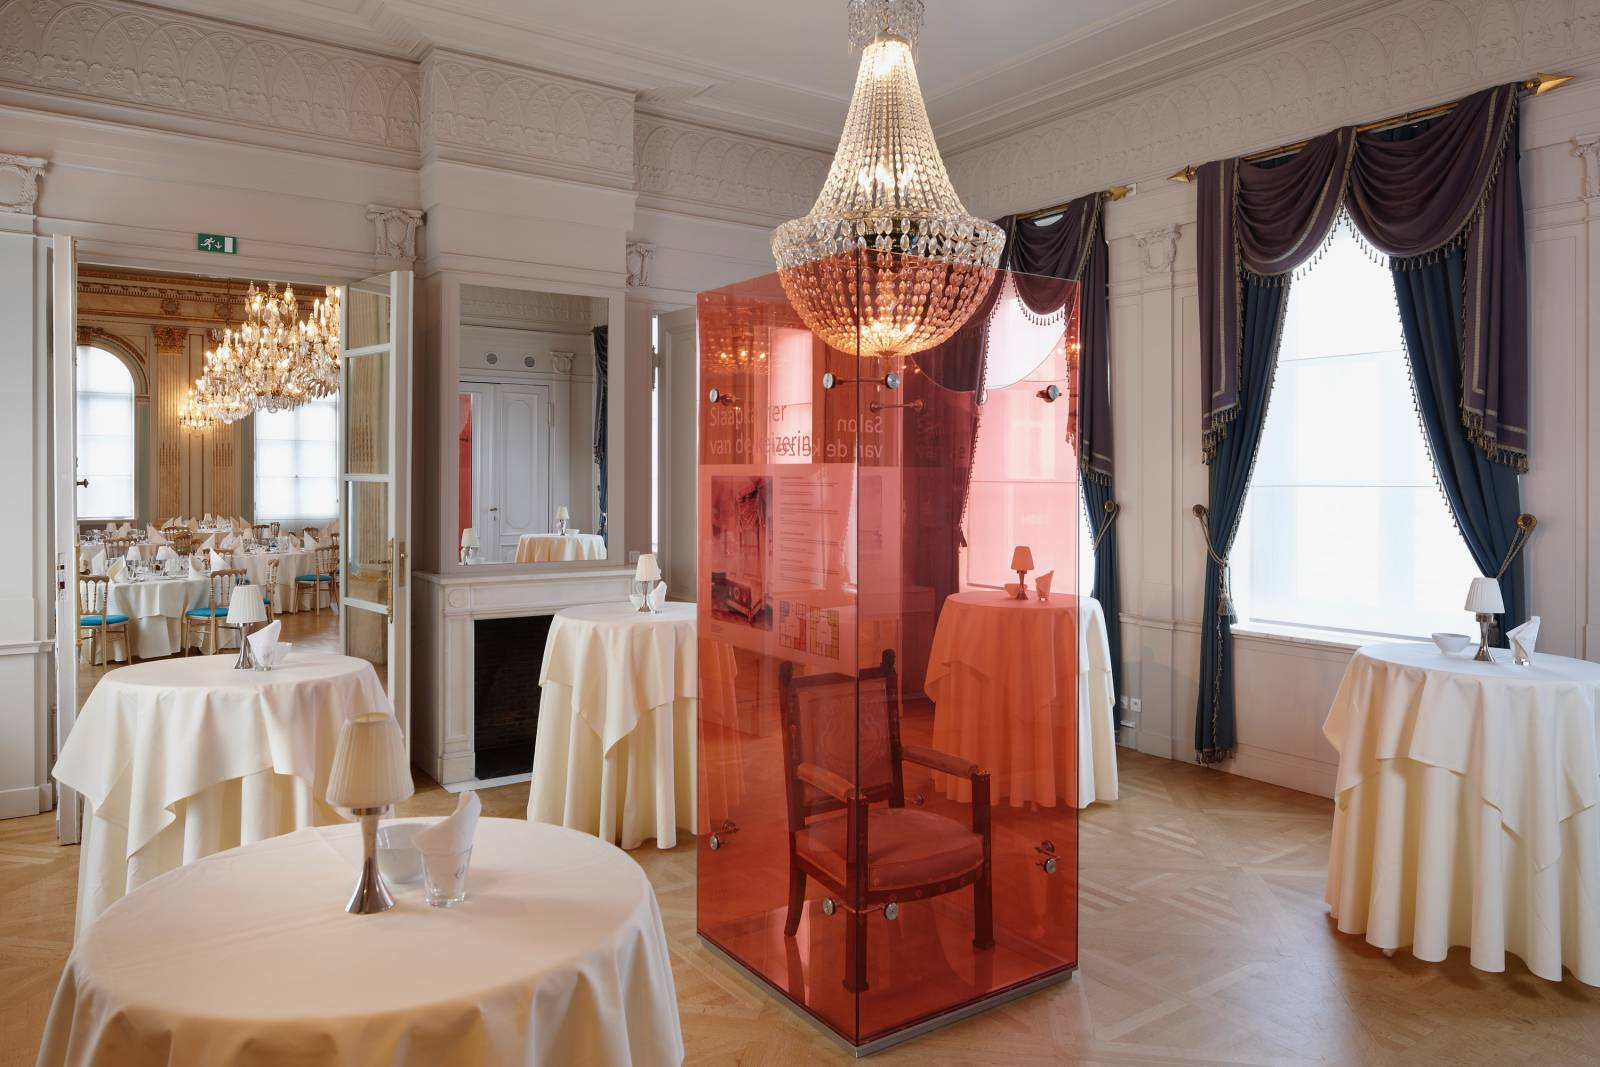 De Spiegelzaal - Feestzaal op de Meir - Antwerpen - House of Weddings - 11